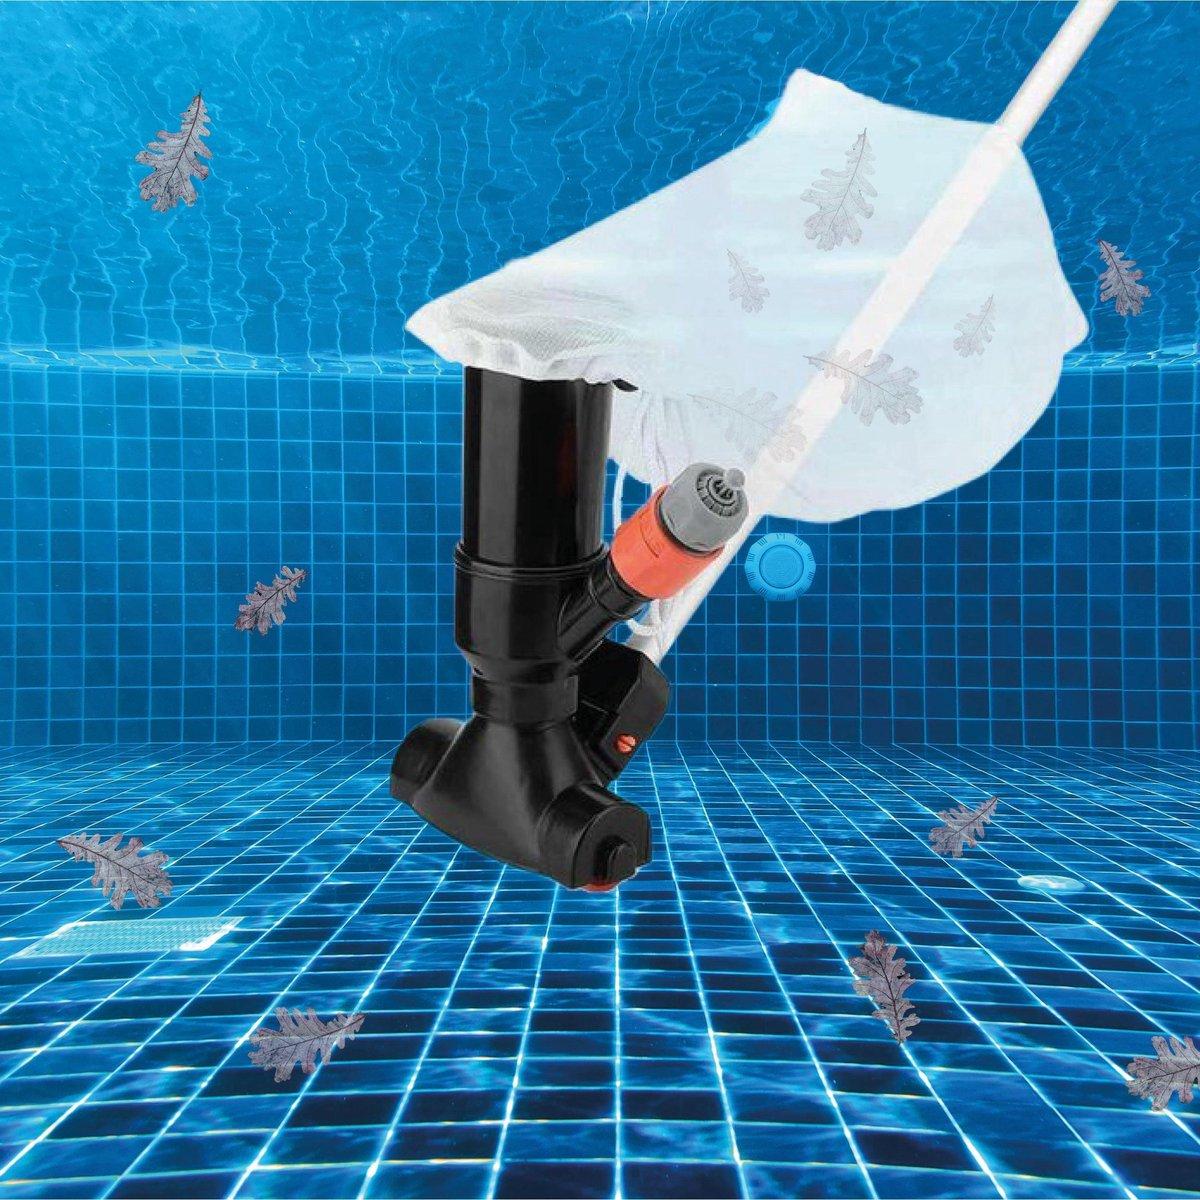 Zwembad Stofzuiger - Zwembad Onderhoud - Jacuzzi Onderhoud - Universeel - Filterpomp - Zwembadstofzuiger- Zwembad Pomp - Intex Filter - Inclusief Telescoopstang